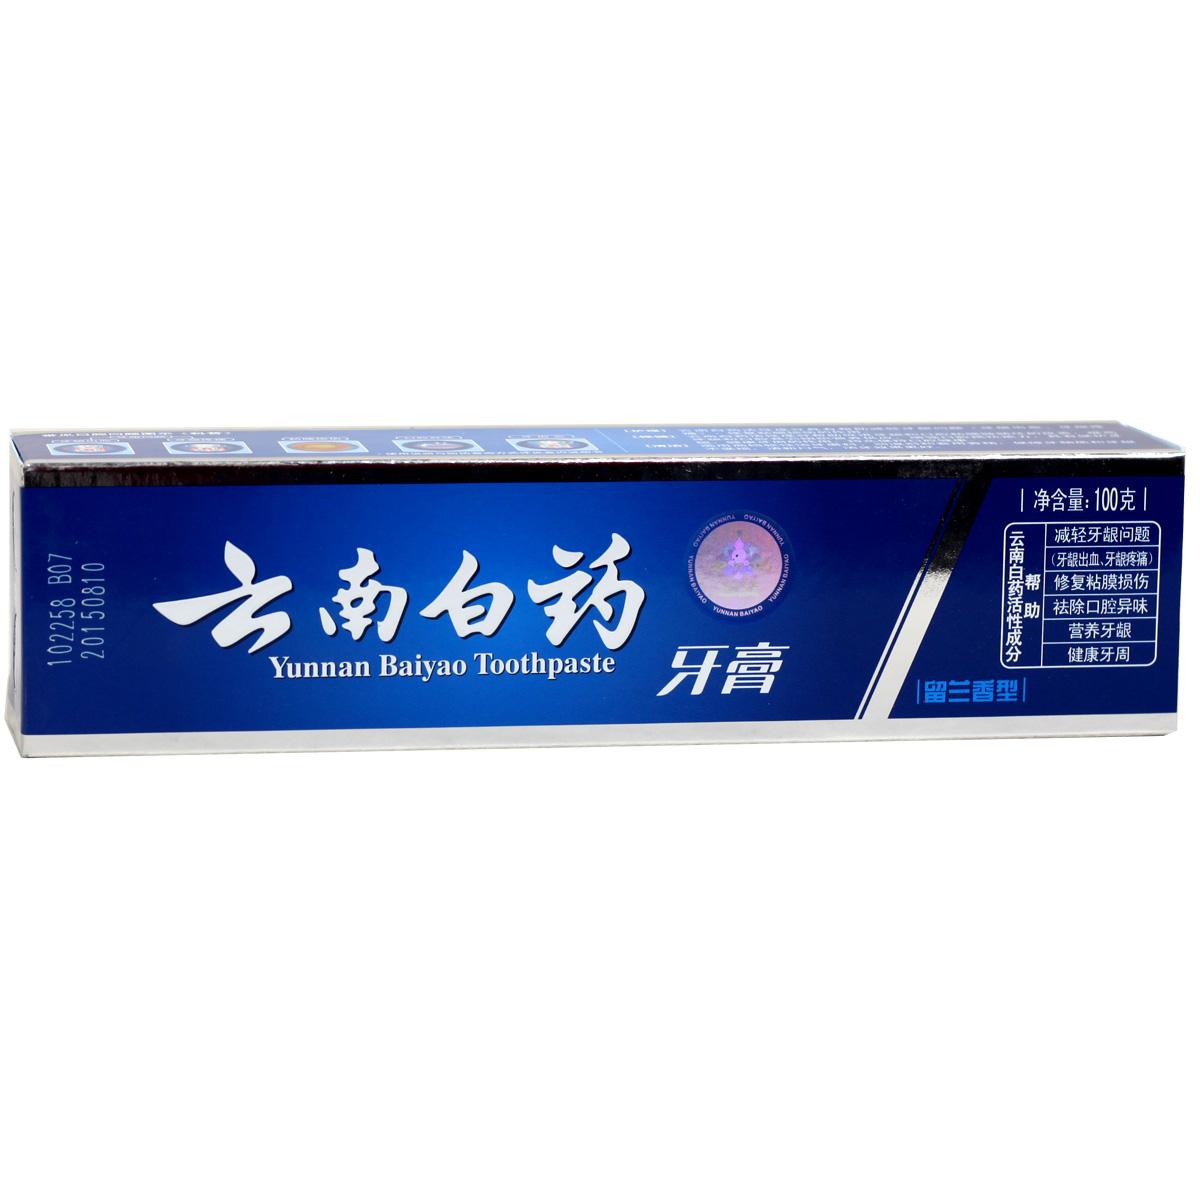 【云南白药】云南白药牙膏 100g 牙膏 口